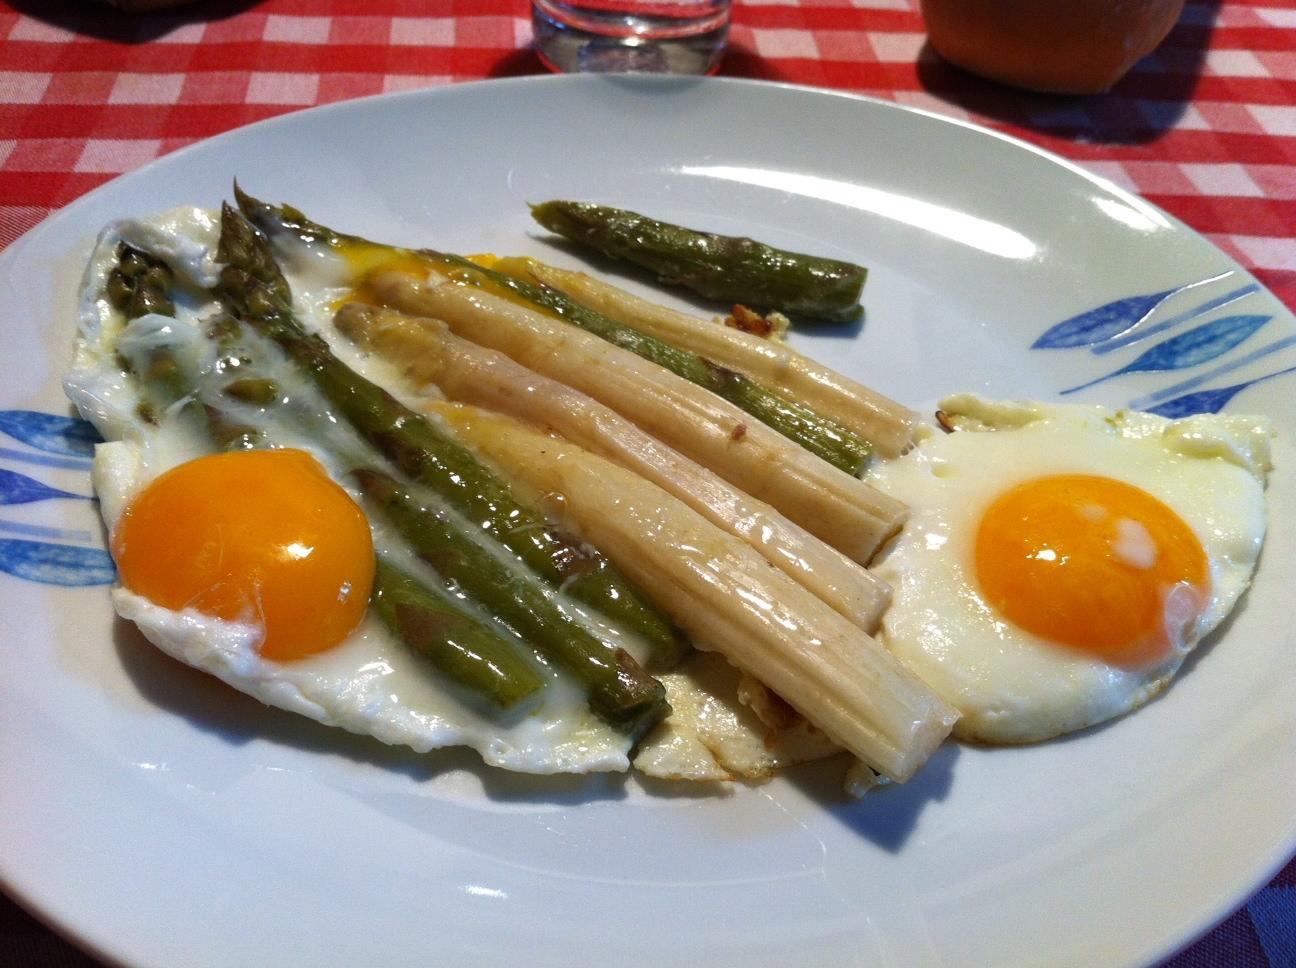 Wild asparagus and eggs